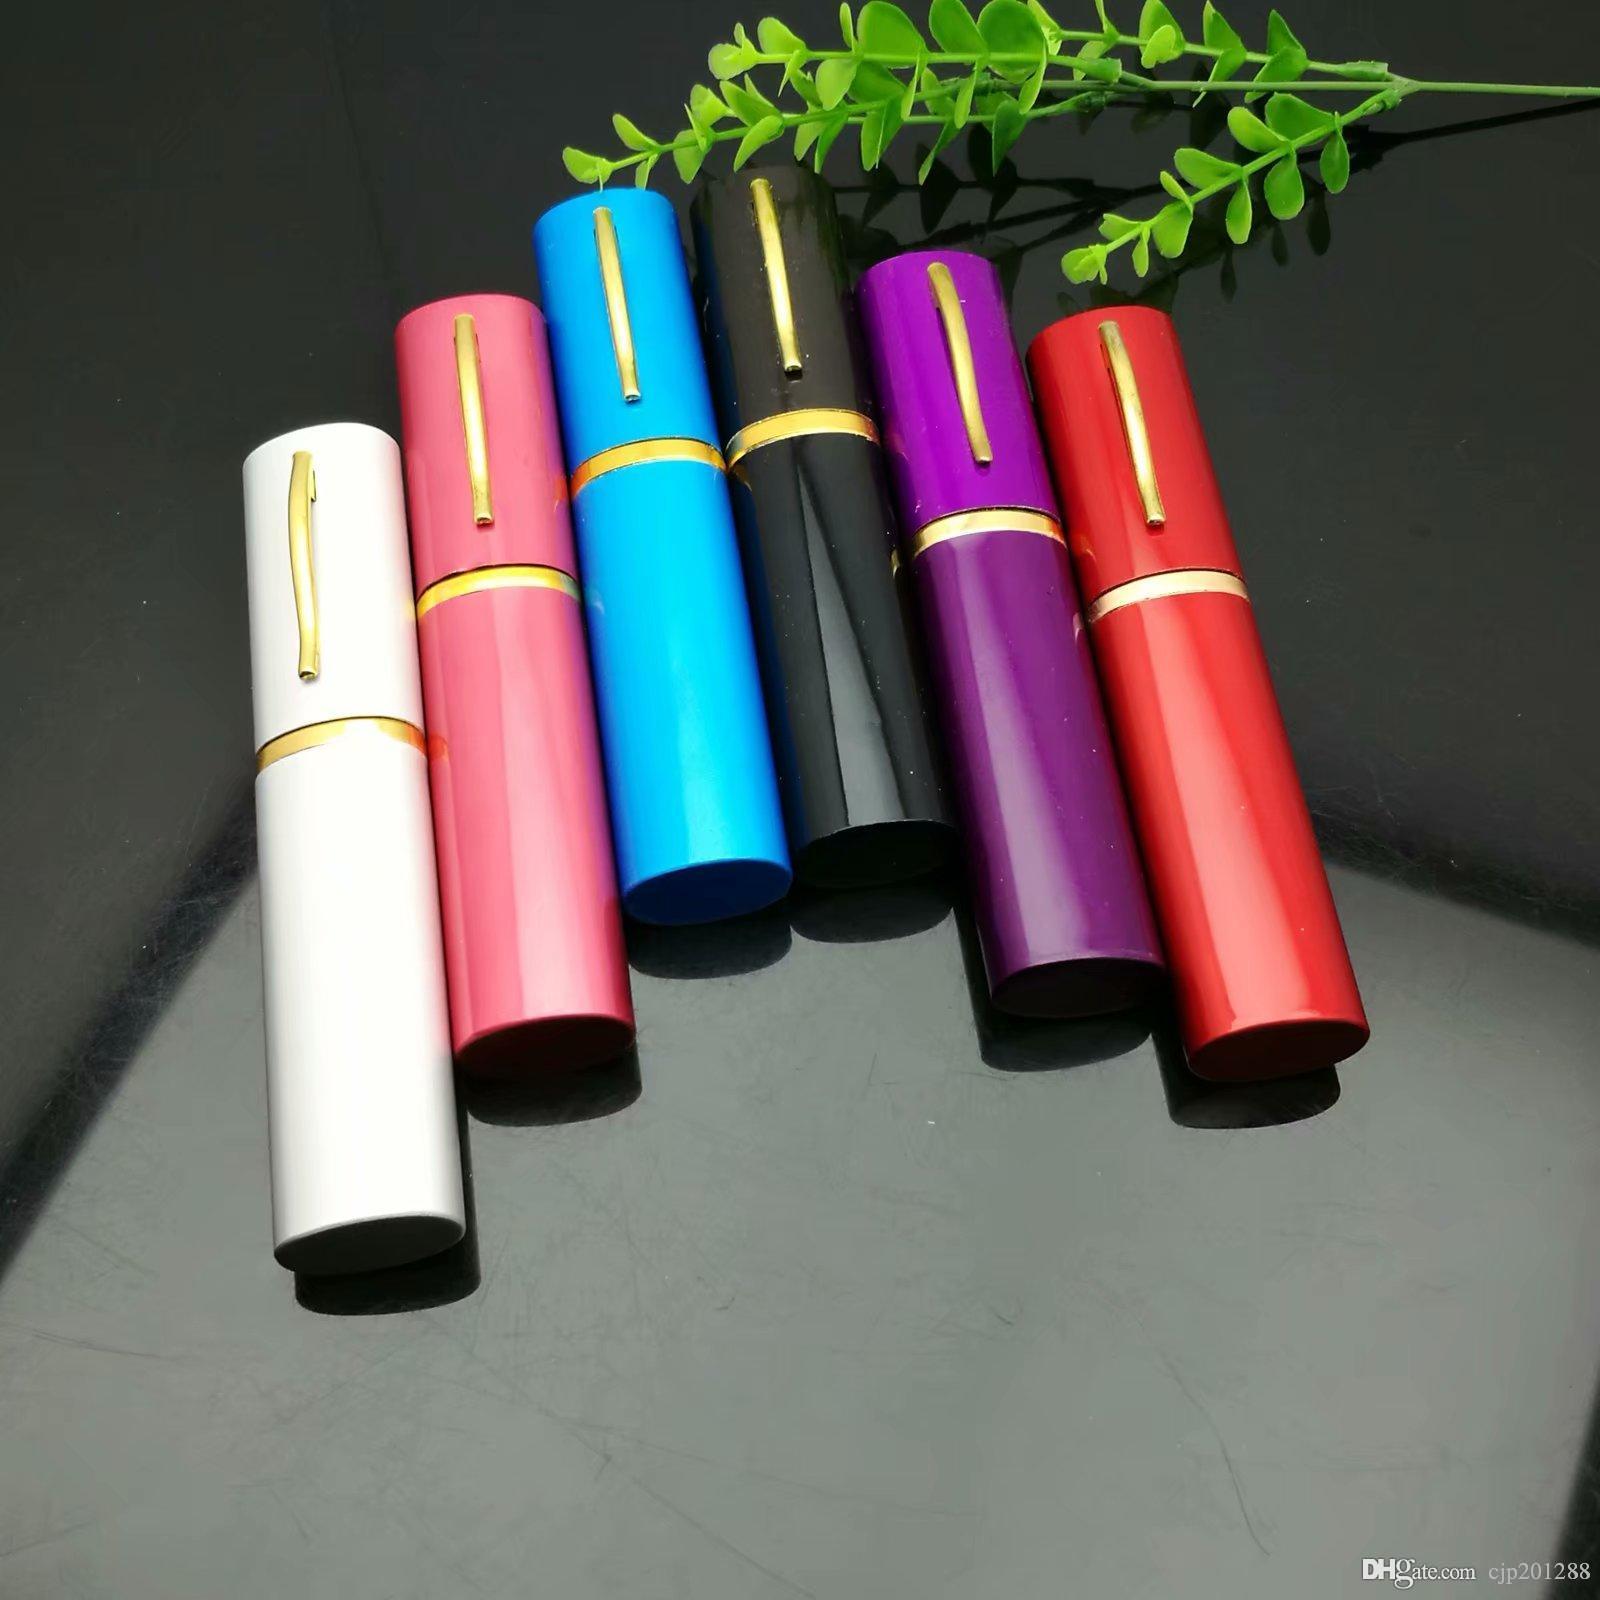 Multicoloridas mini-tipo de caneta portátil cigarro chaleira de vidro Bongs Oil Burner Pipes tubulações de água plataformas petrolíferas fumadores frete grátis